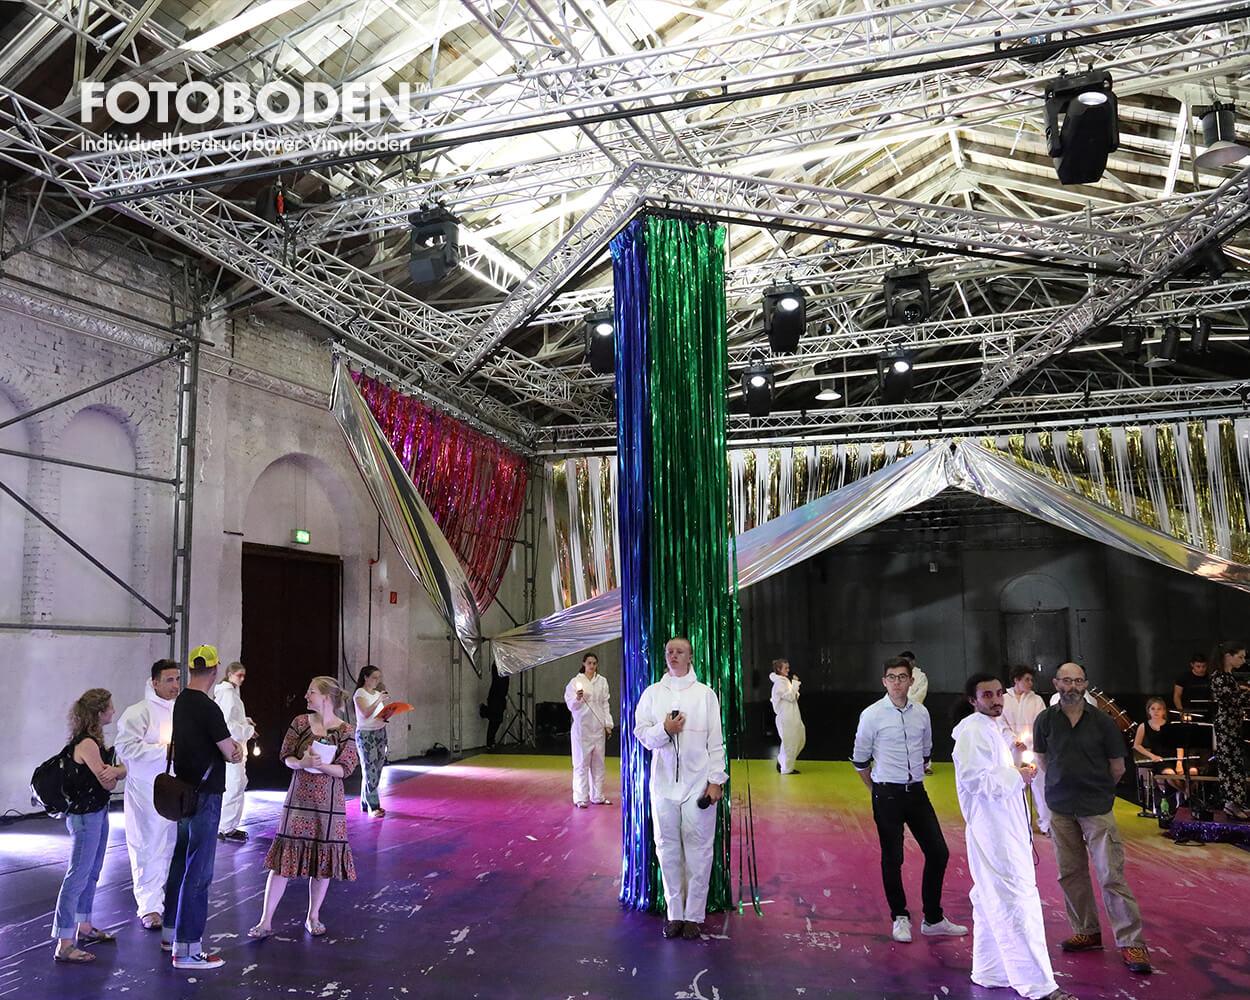 Bühnenbau Theater Individualgestaltung Bühne